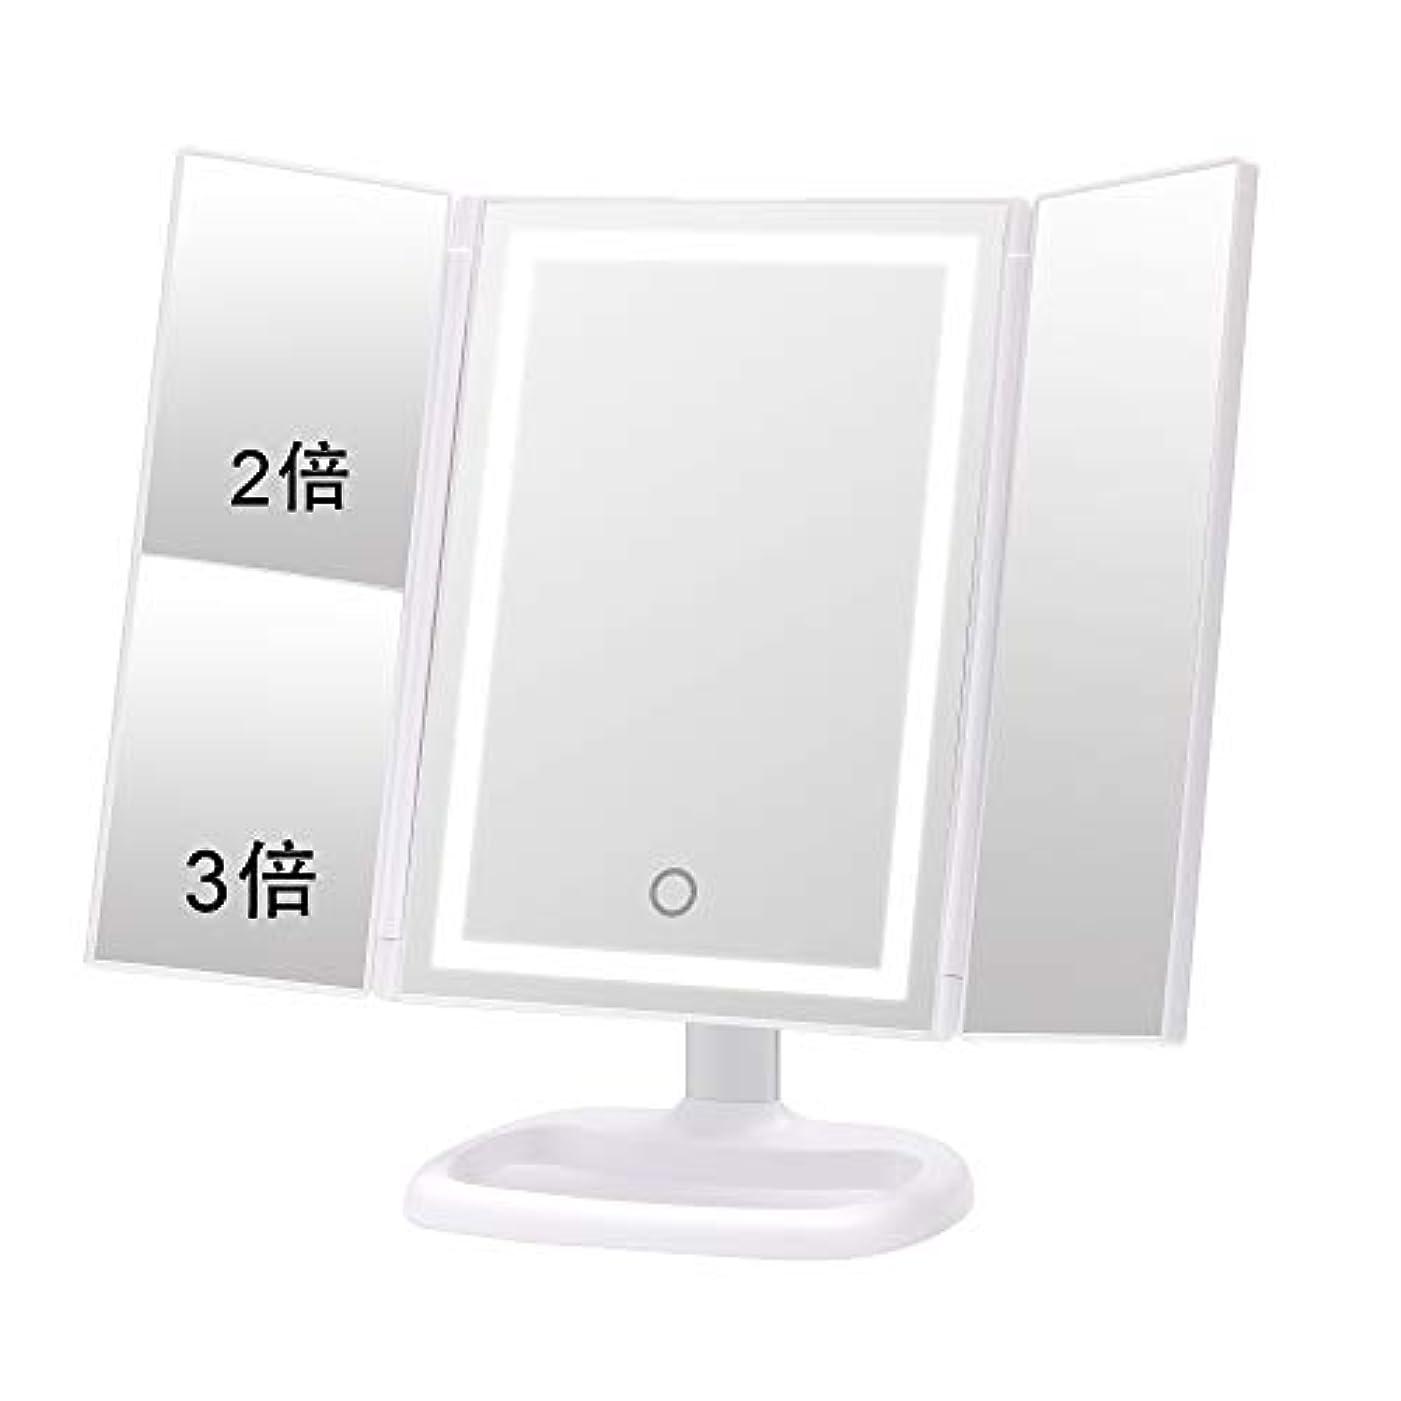 尊敬ディスク画面YEEZEN 化粧鏡 led 三面鏡 2&3倍 無段階調光 180°回転 拡大鏡 化粧鏡 女優ライト 卓上 拡大鏡 化粧ミラー 折りたたみ 持ち運び コンパクト